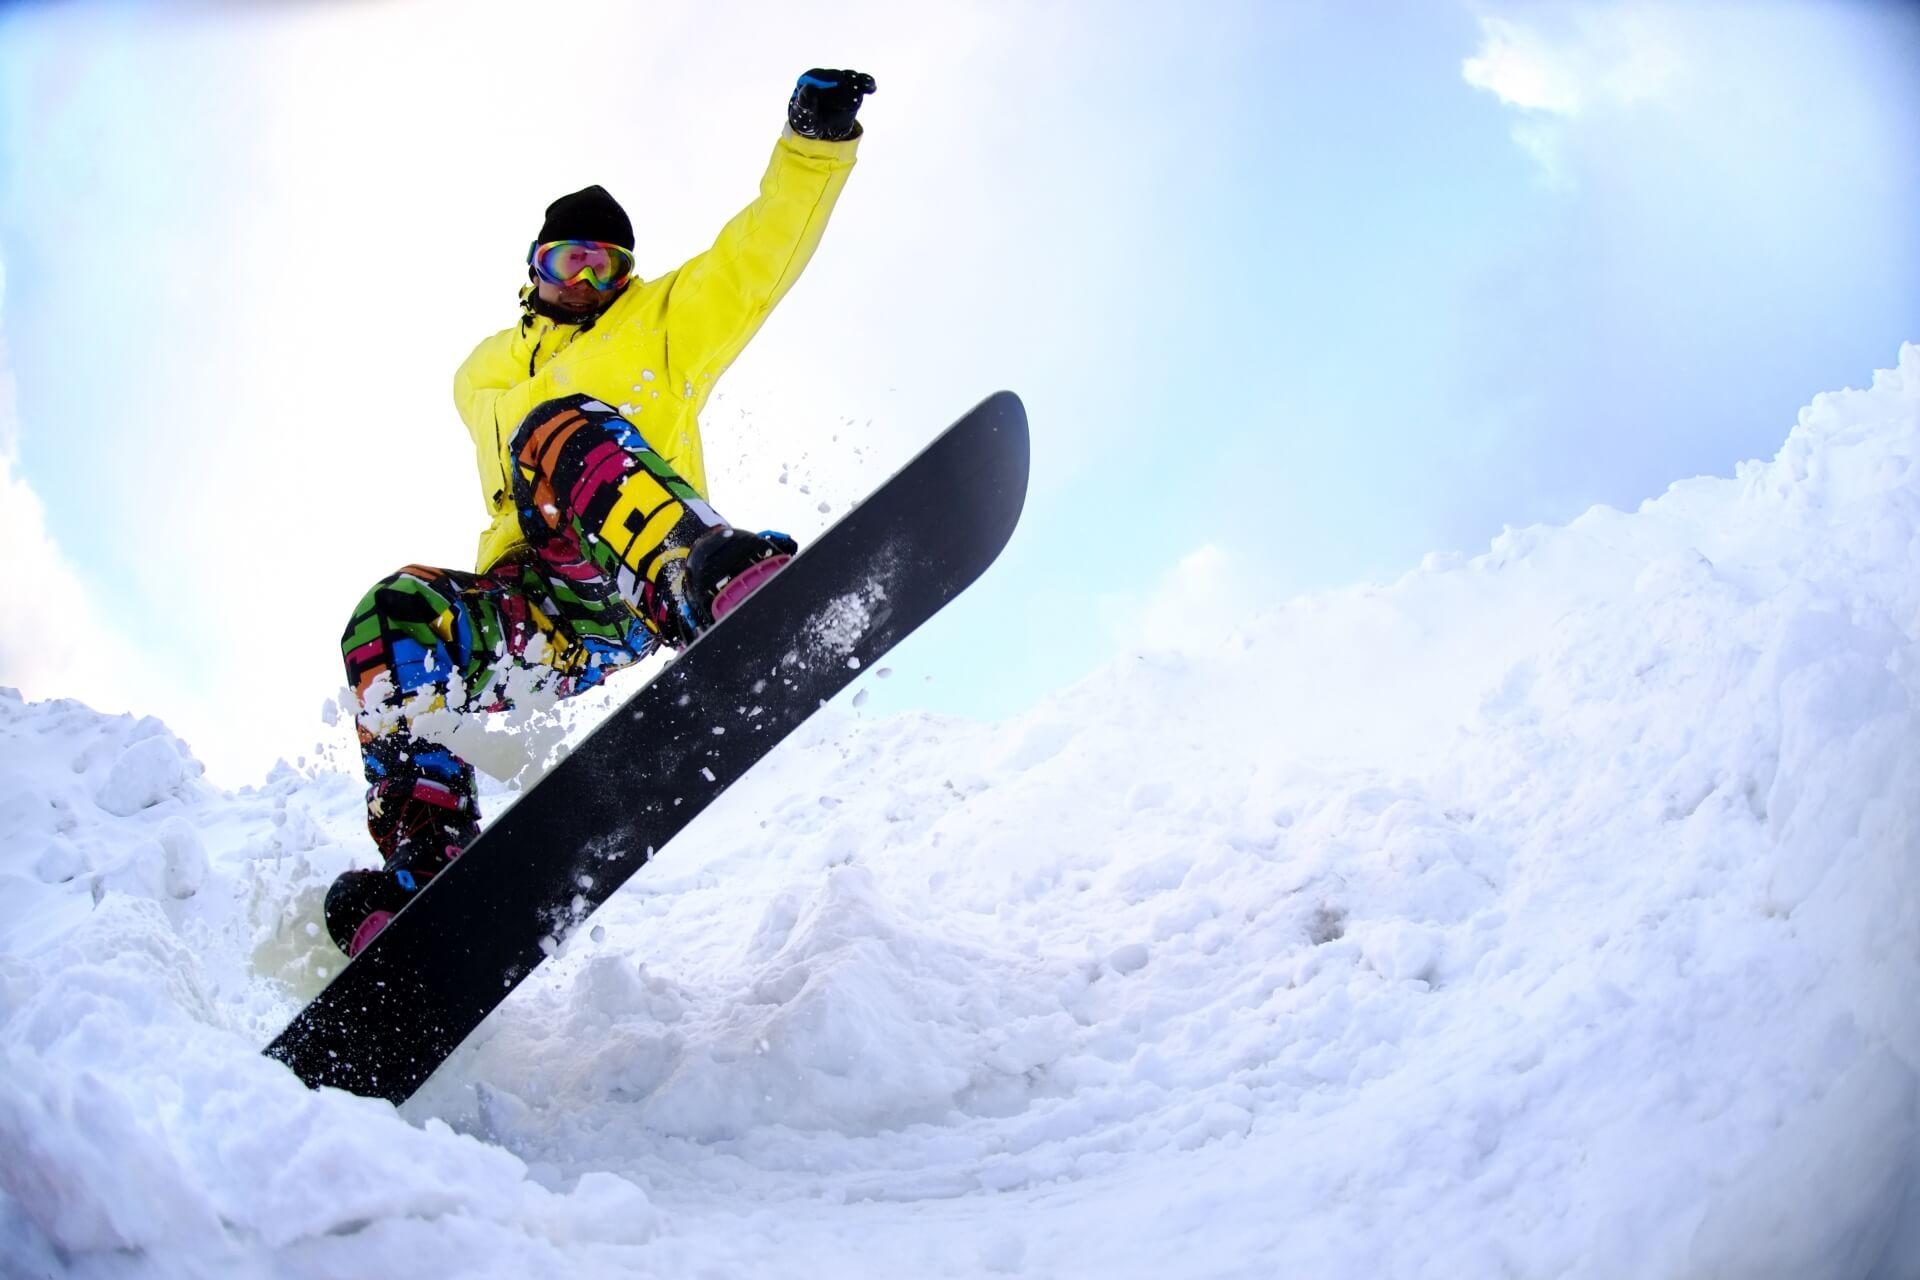 スノーボードの滑りのカギ!ワックスの重要性とかけ方の基本